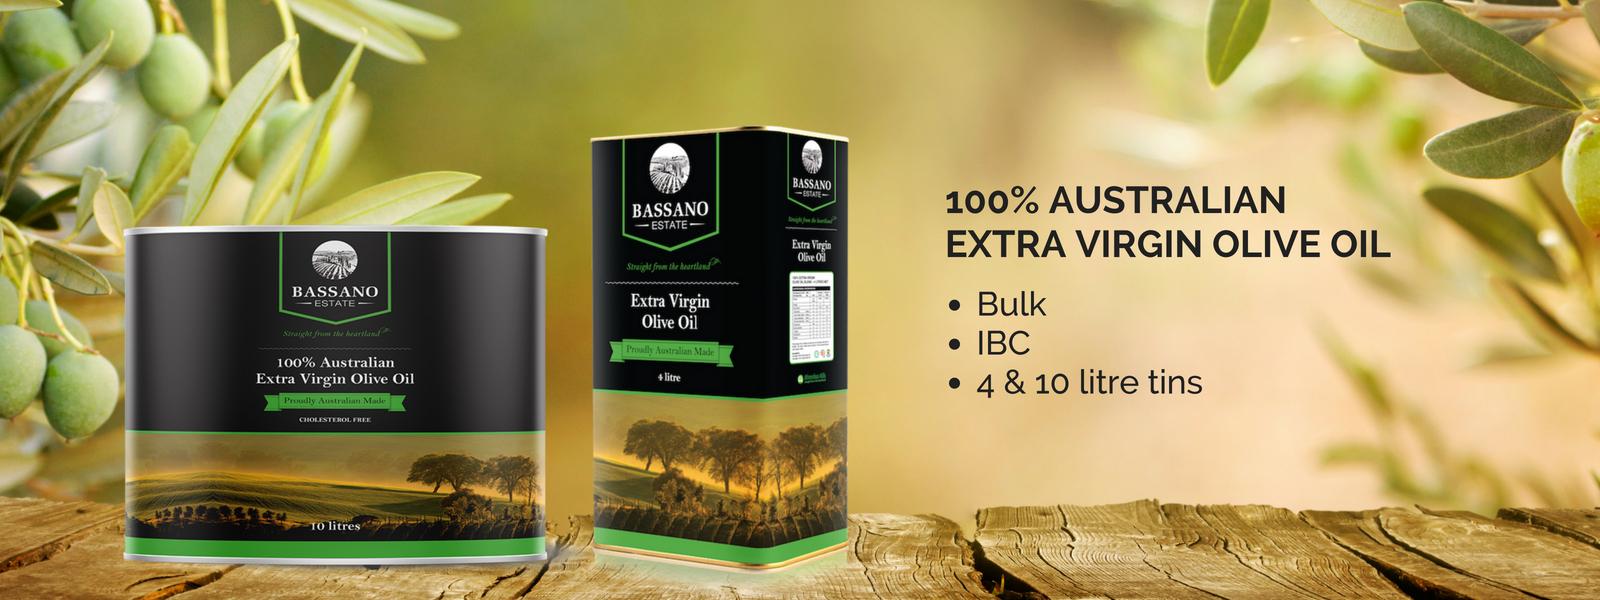 Extra Virgin Olive Oil — Treetops Plantation